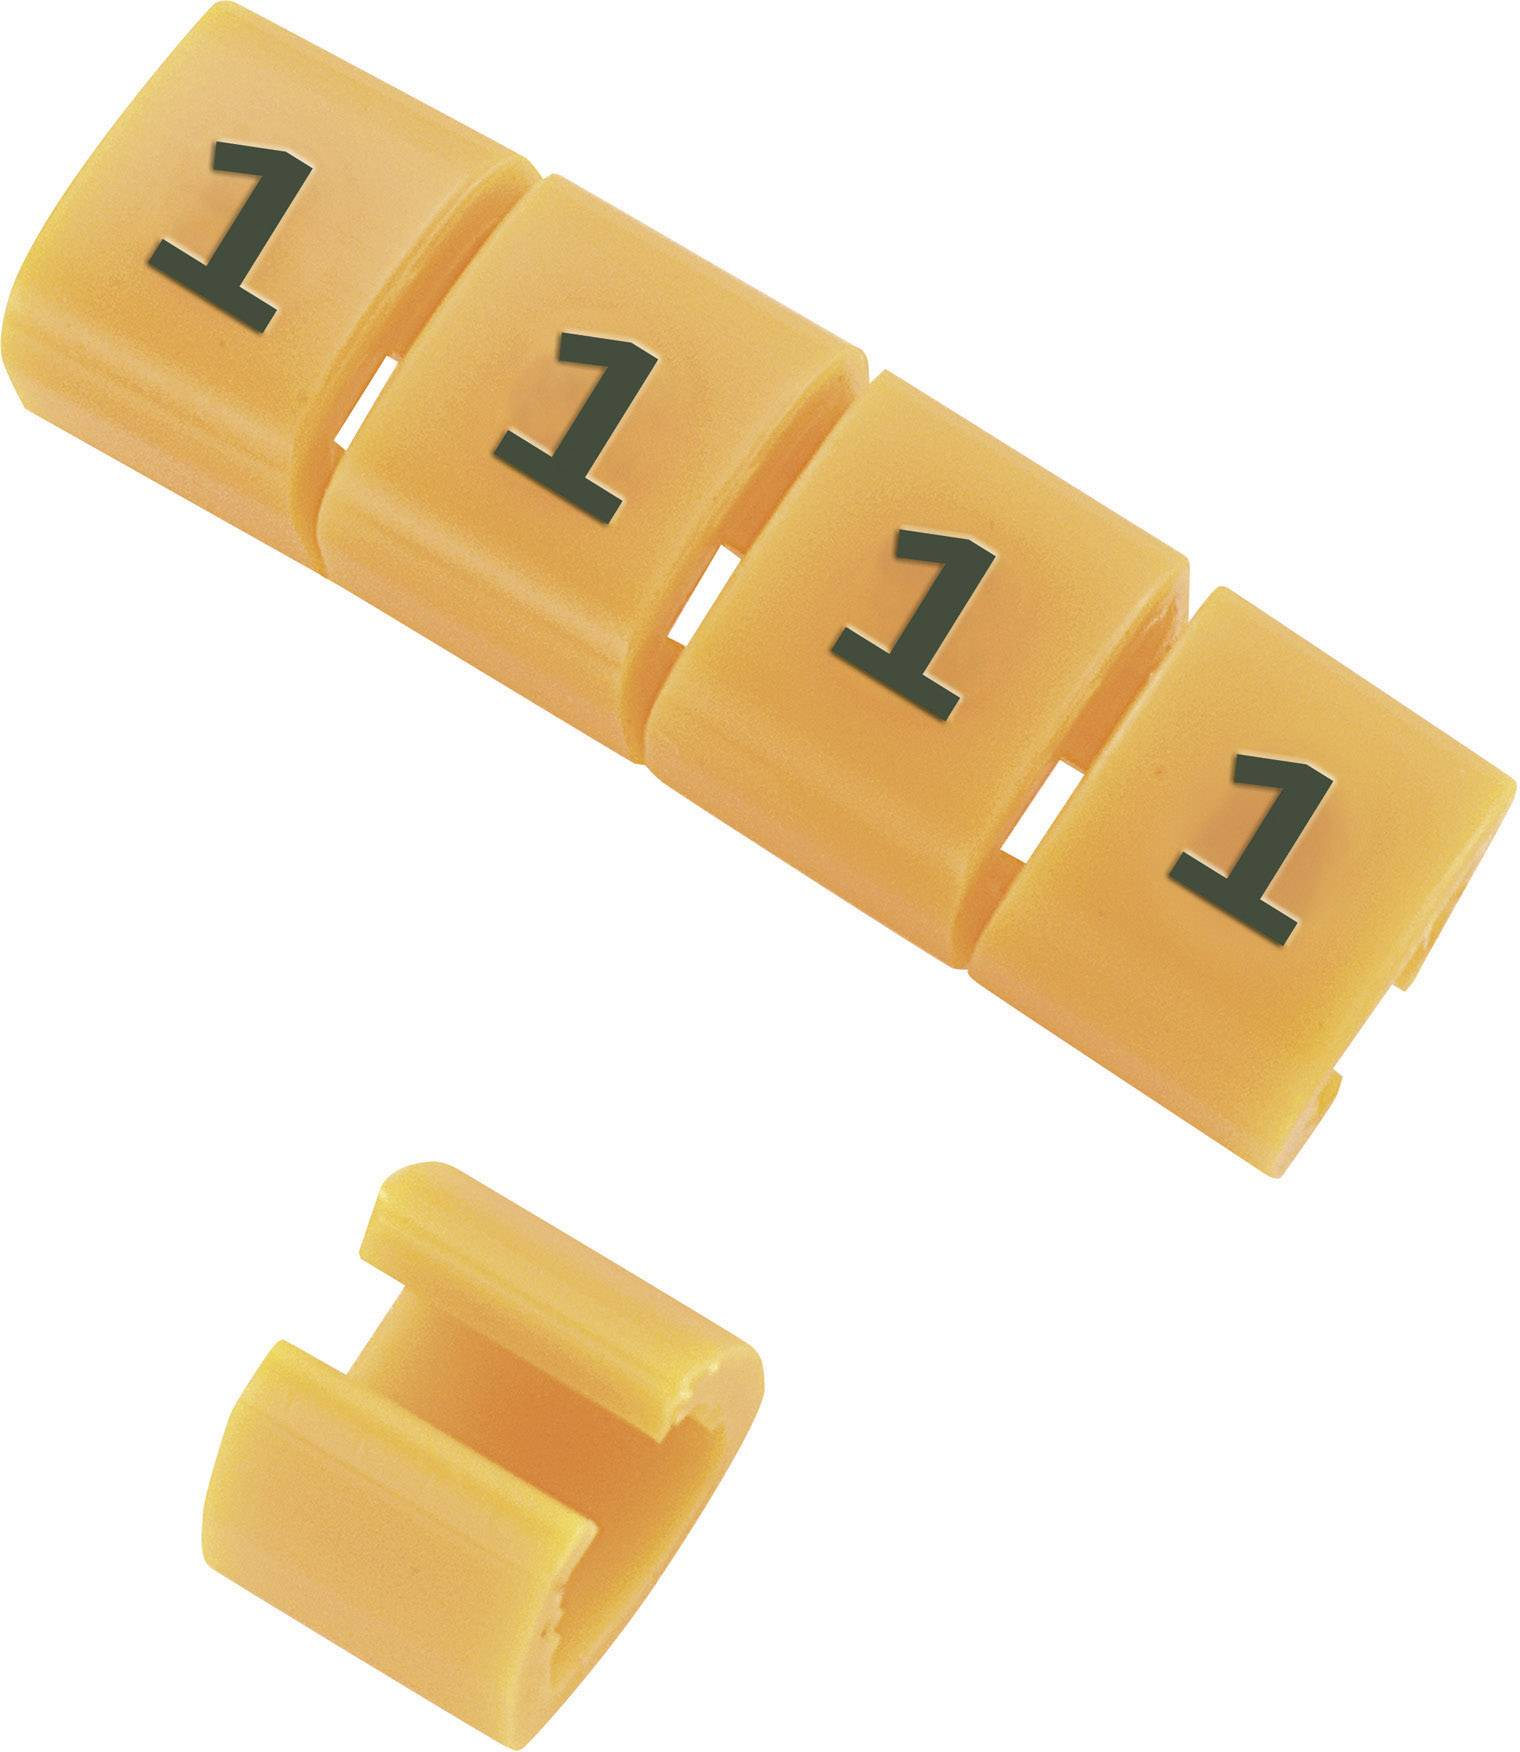 Označovacie objímka na káble KSS MB2/6, oranžová, 10 ks